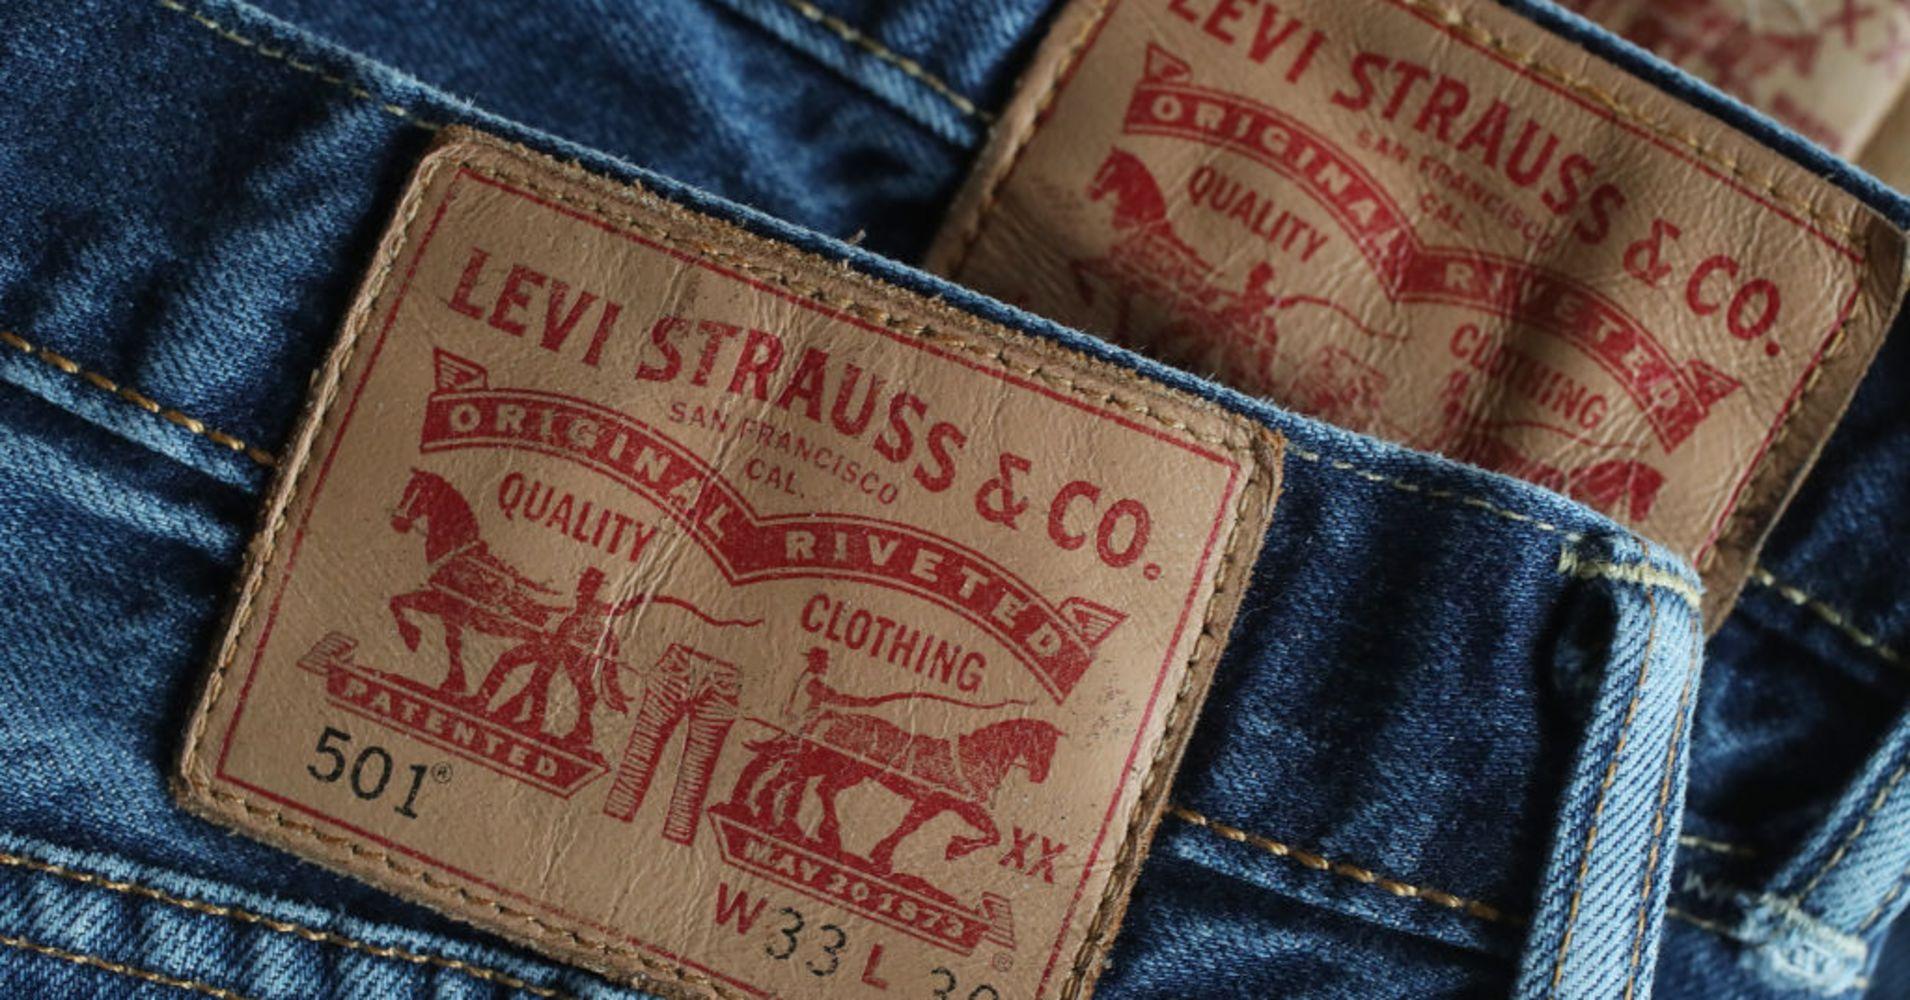 Джинсы Levis: всегда практичны и всегда в моде!